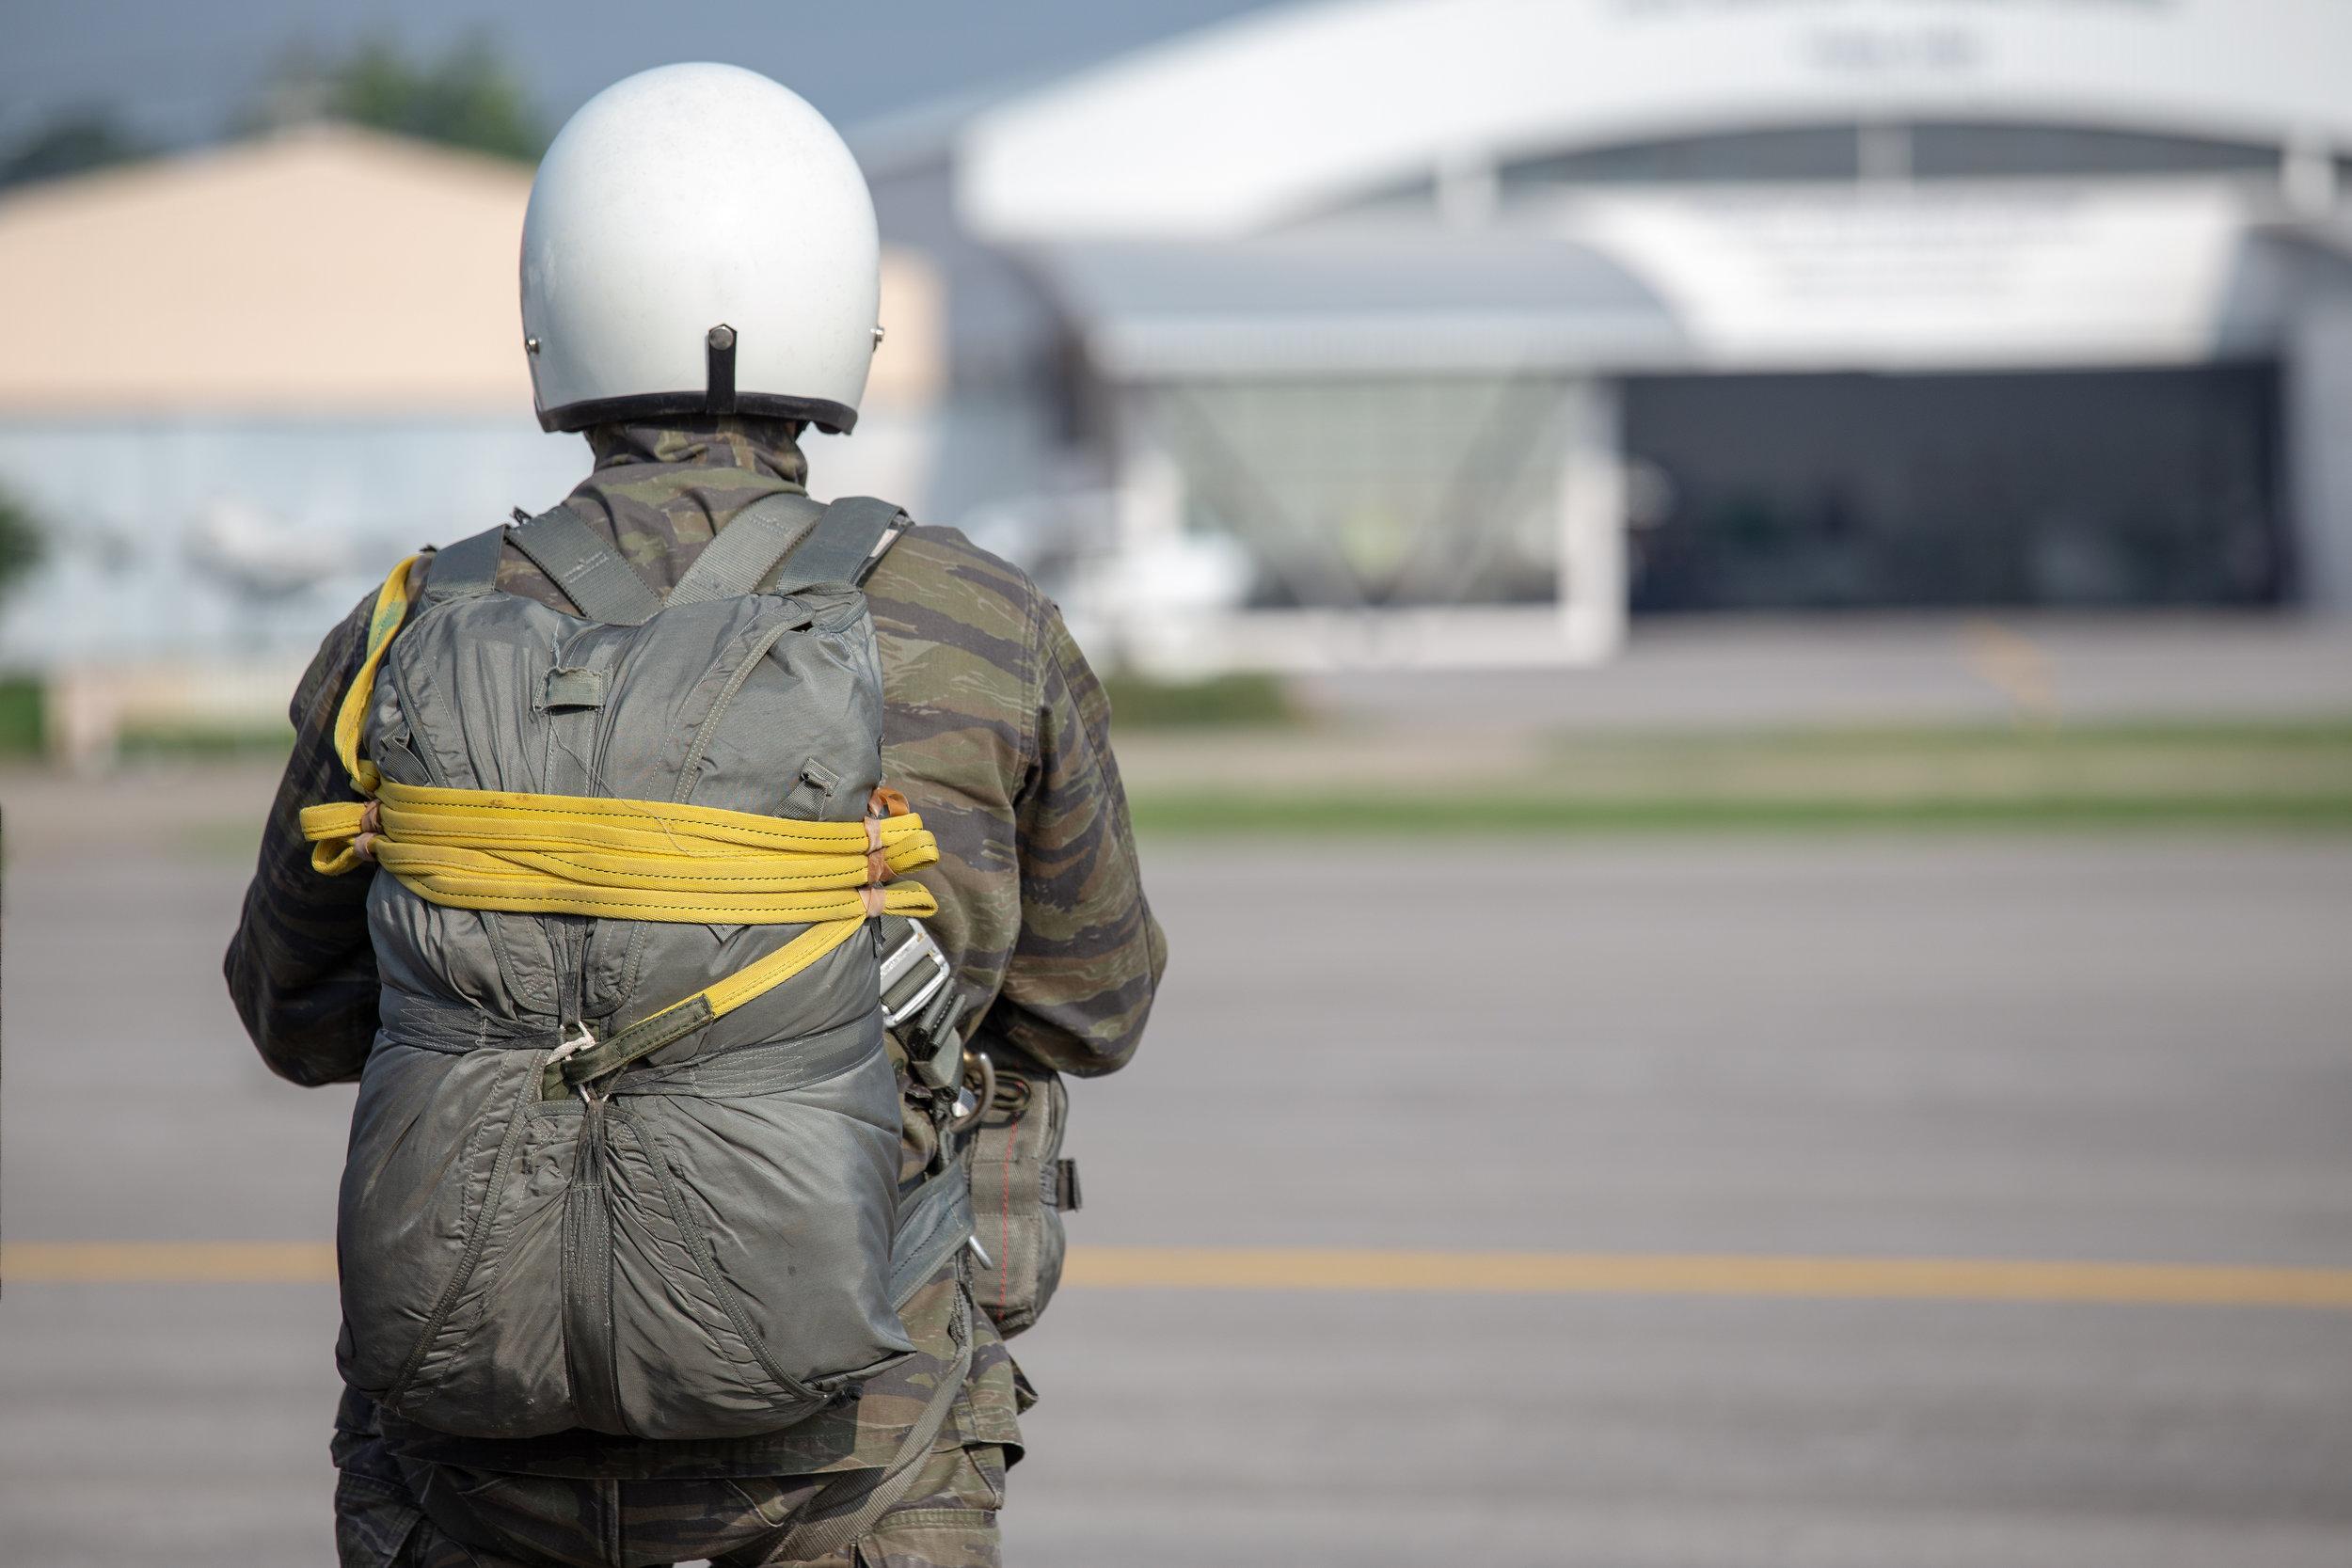 bigstock-One-Police-Aerial-Reinforcemen-241669093.jpg